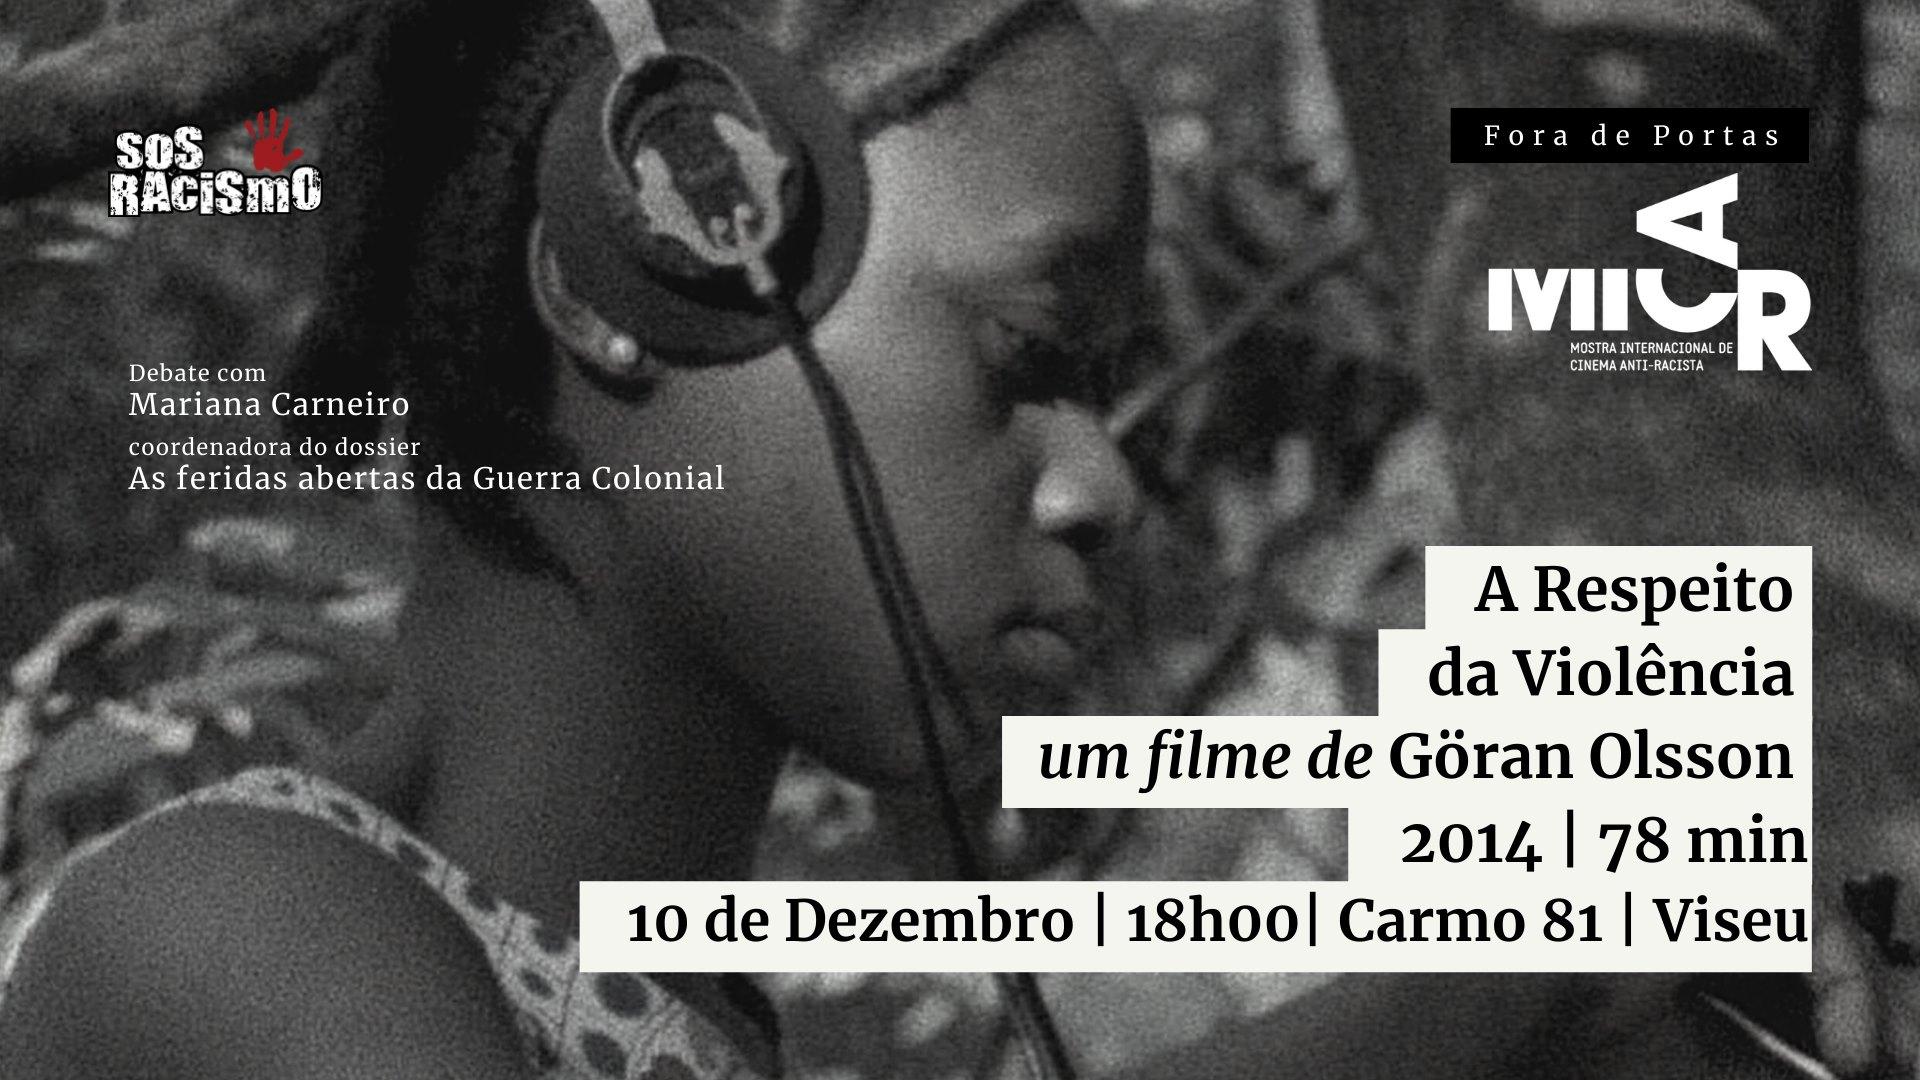 """Primeira """"MICAR – Mostra Internacional Anti-Racista fora de portas"""" em Viseu"""